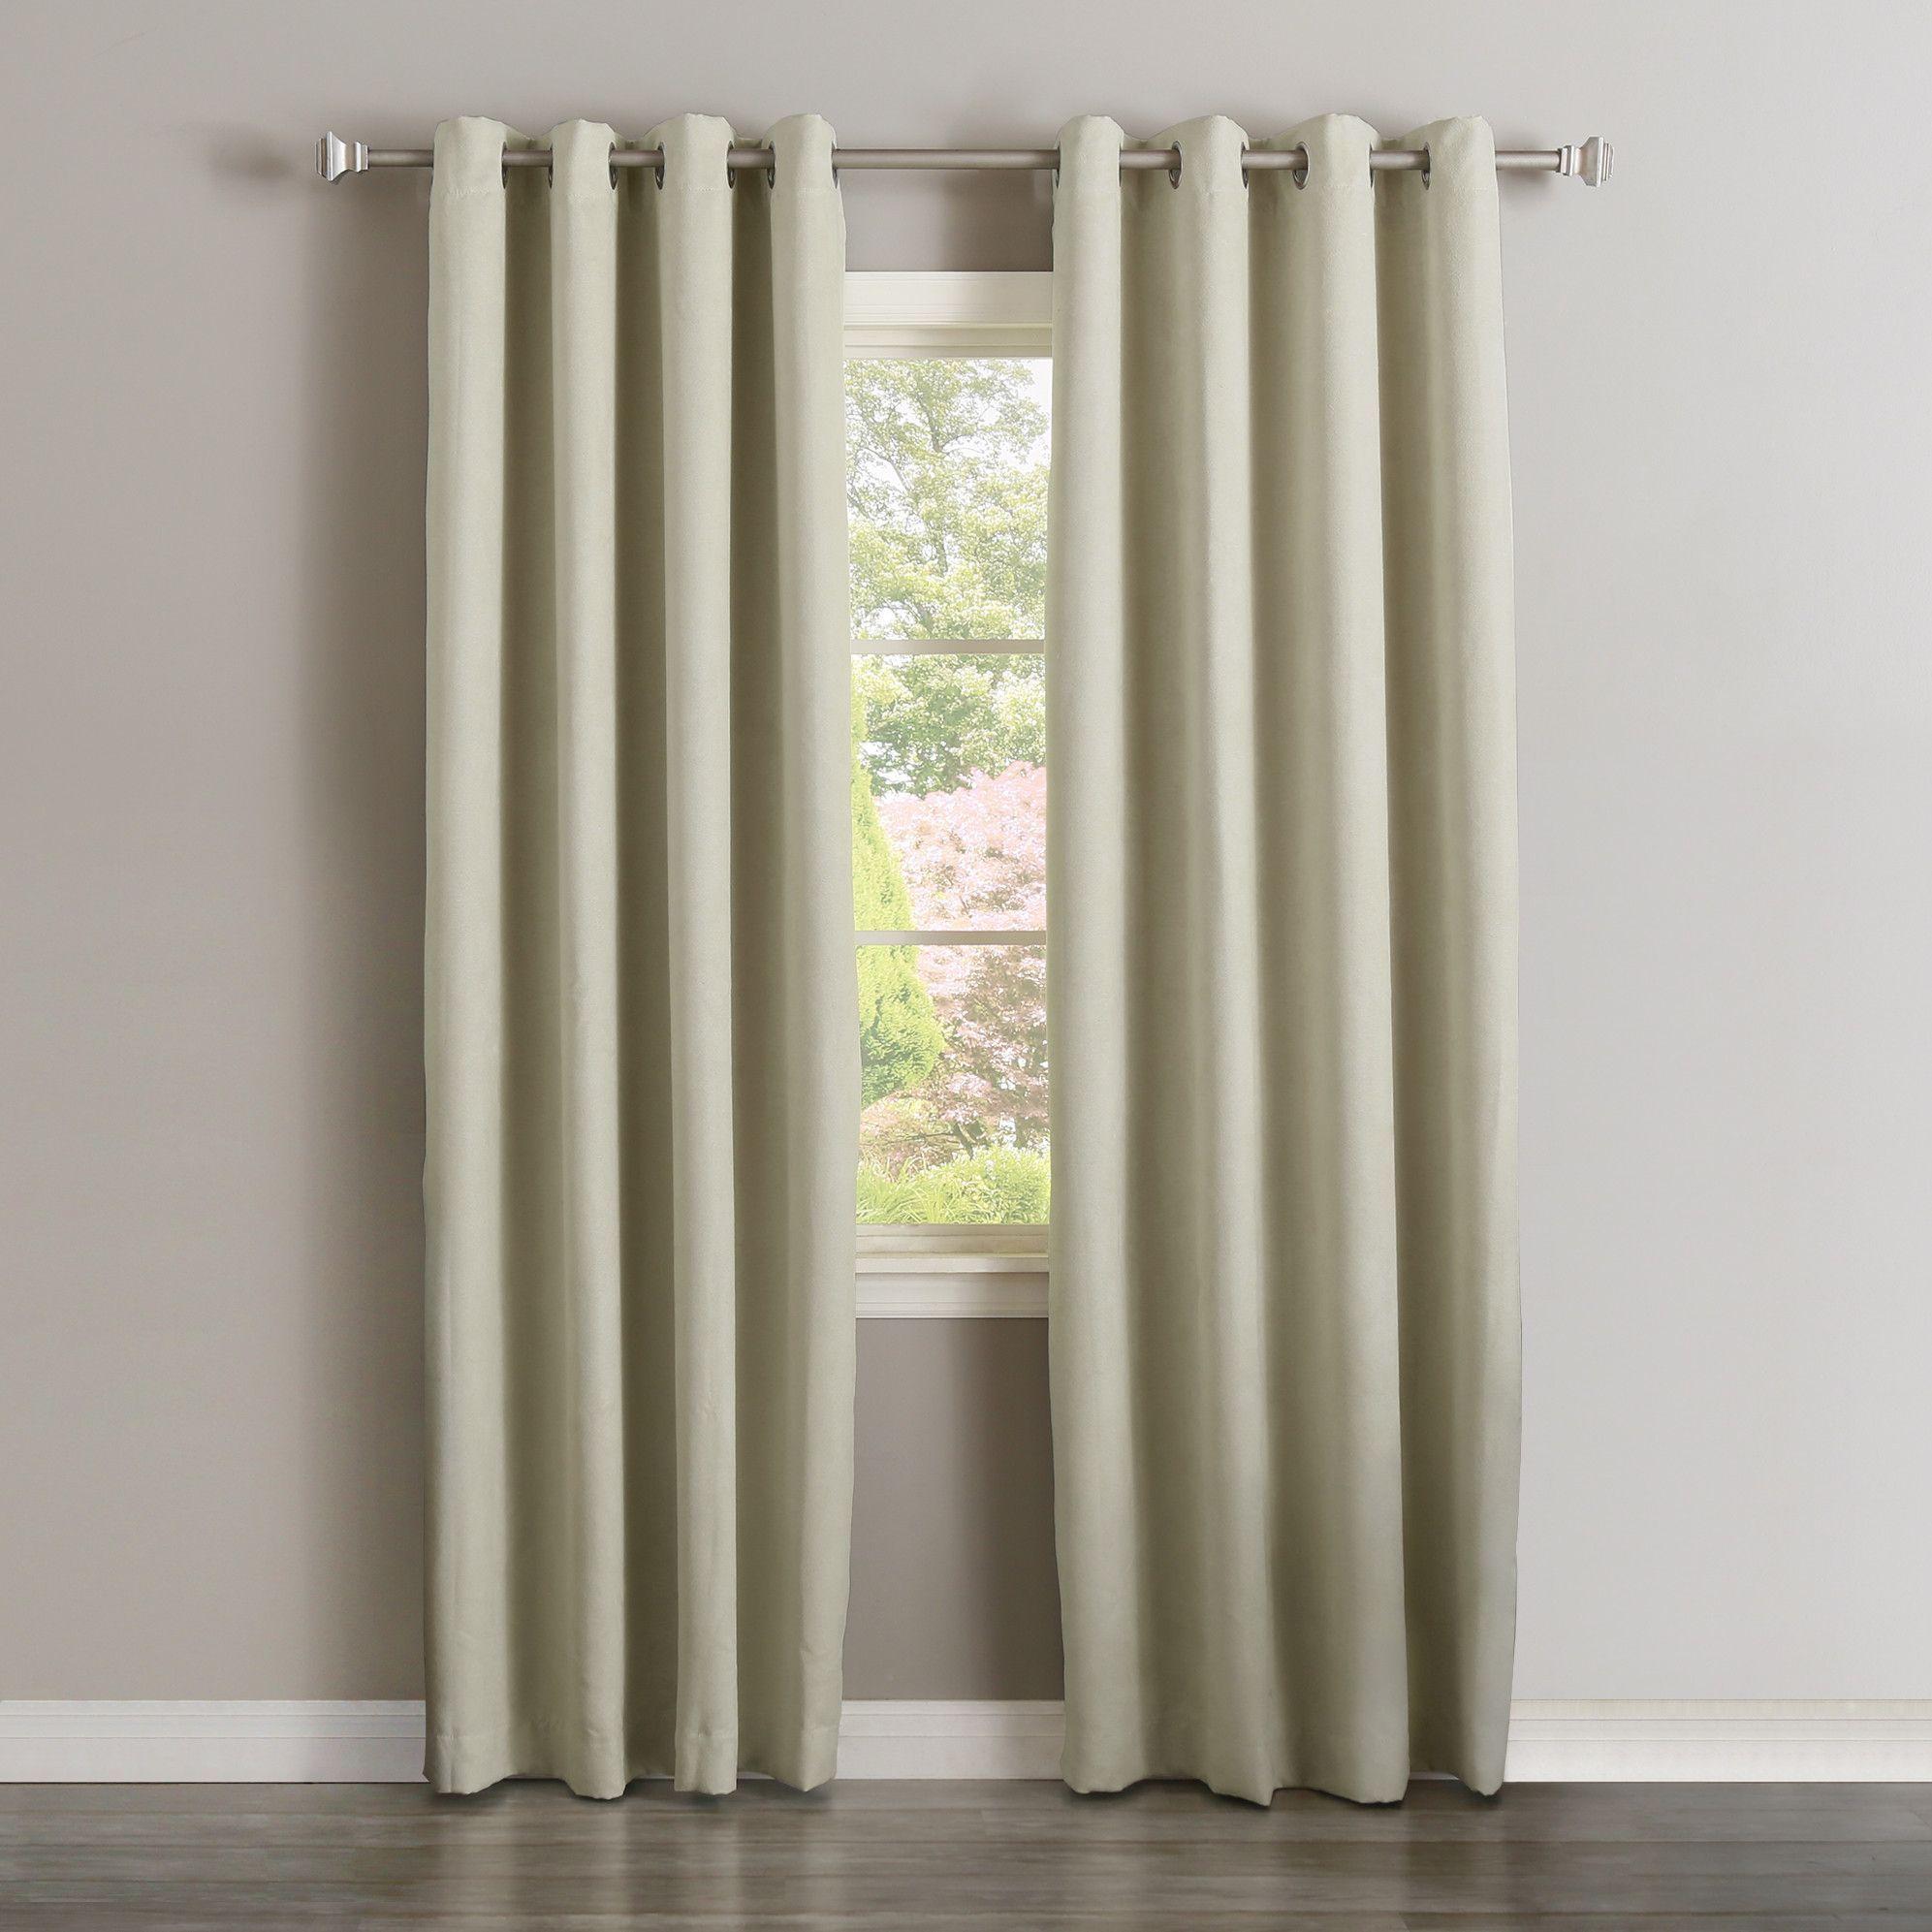 Jack Faux Suede Blackout Curtain Panels Curtains Panel Curtains